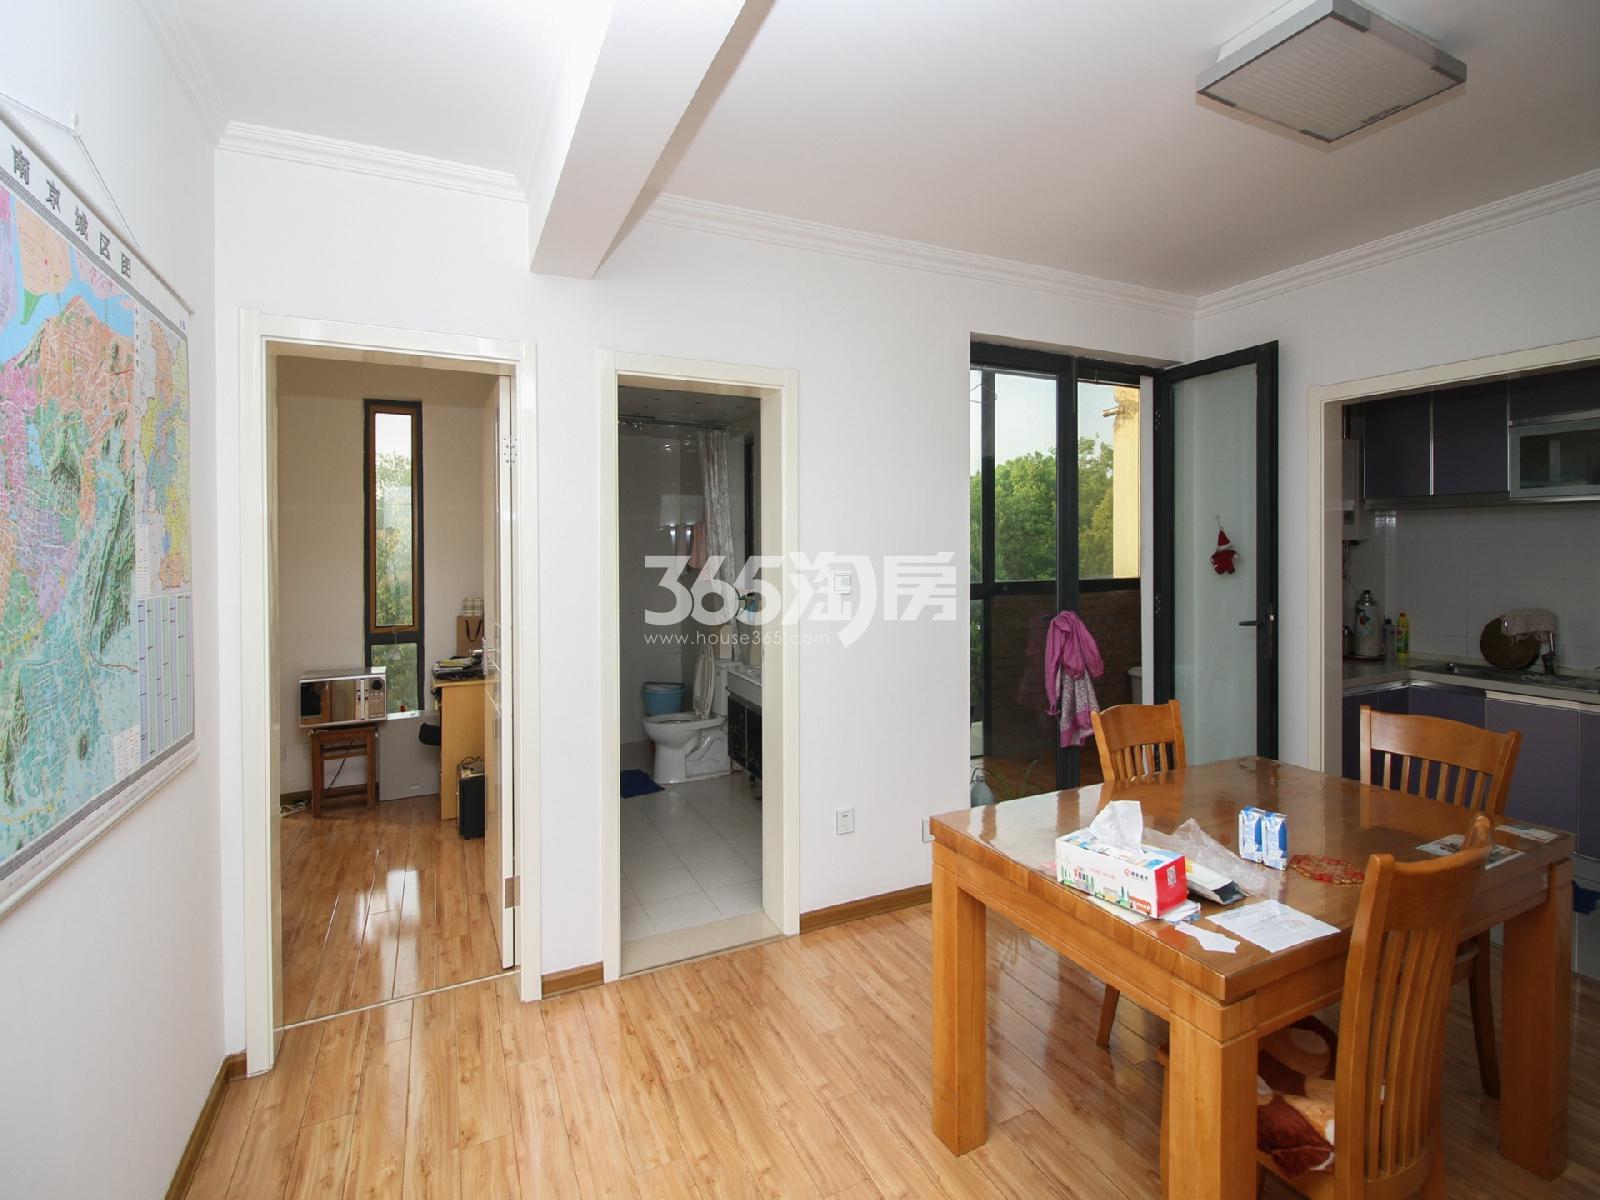 汇杰文庭2期3室2厅2卫136平米2010年产权房精装